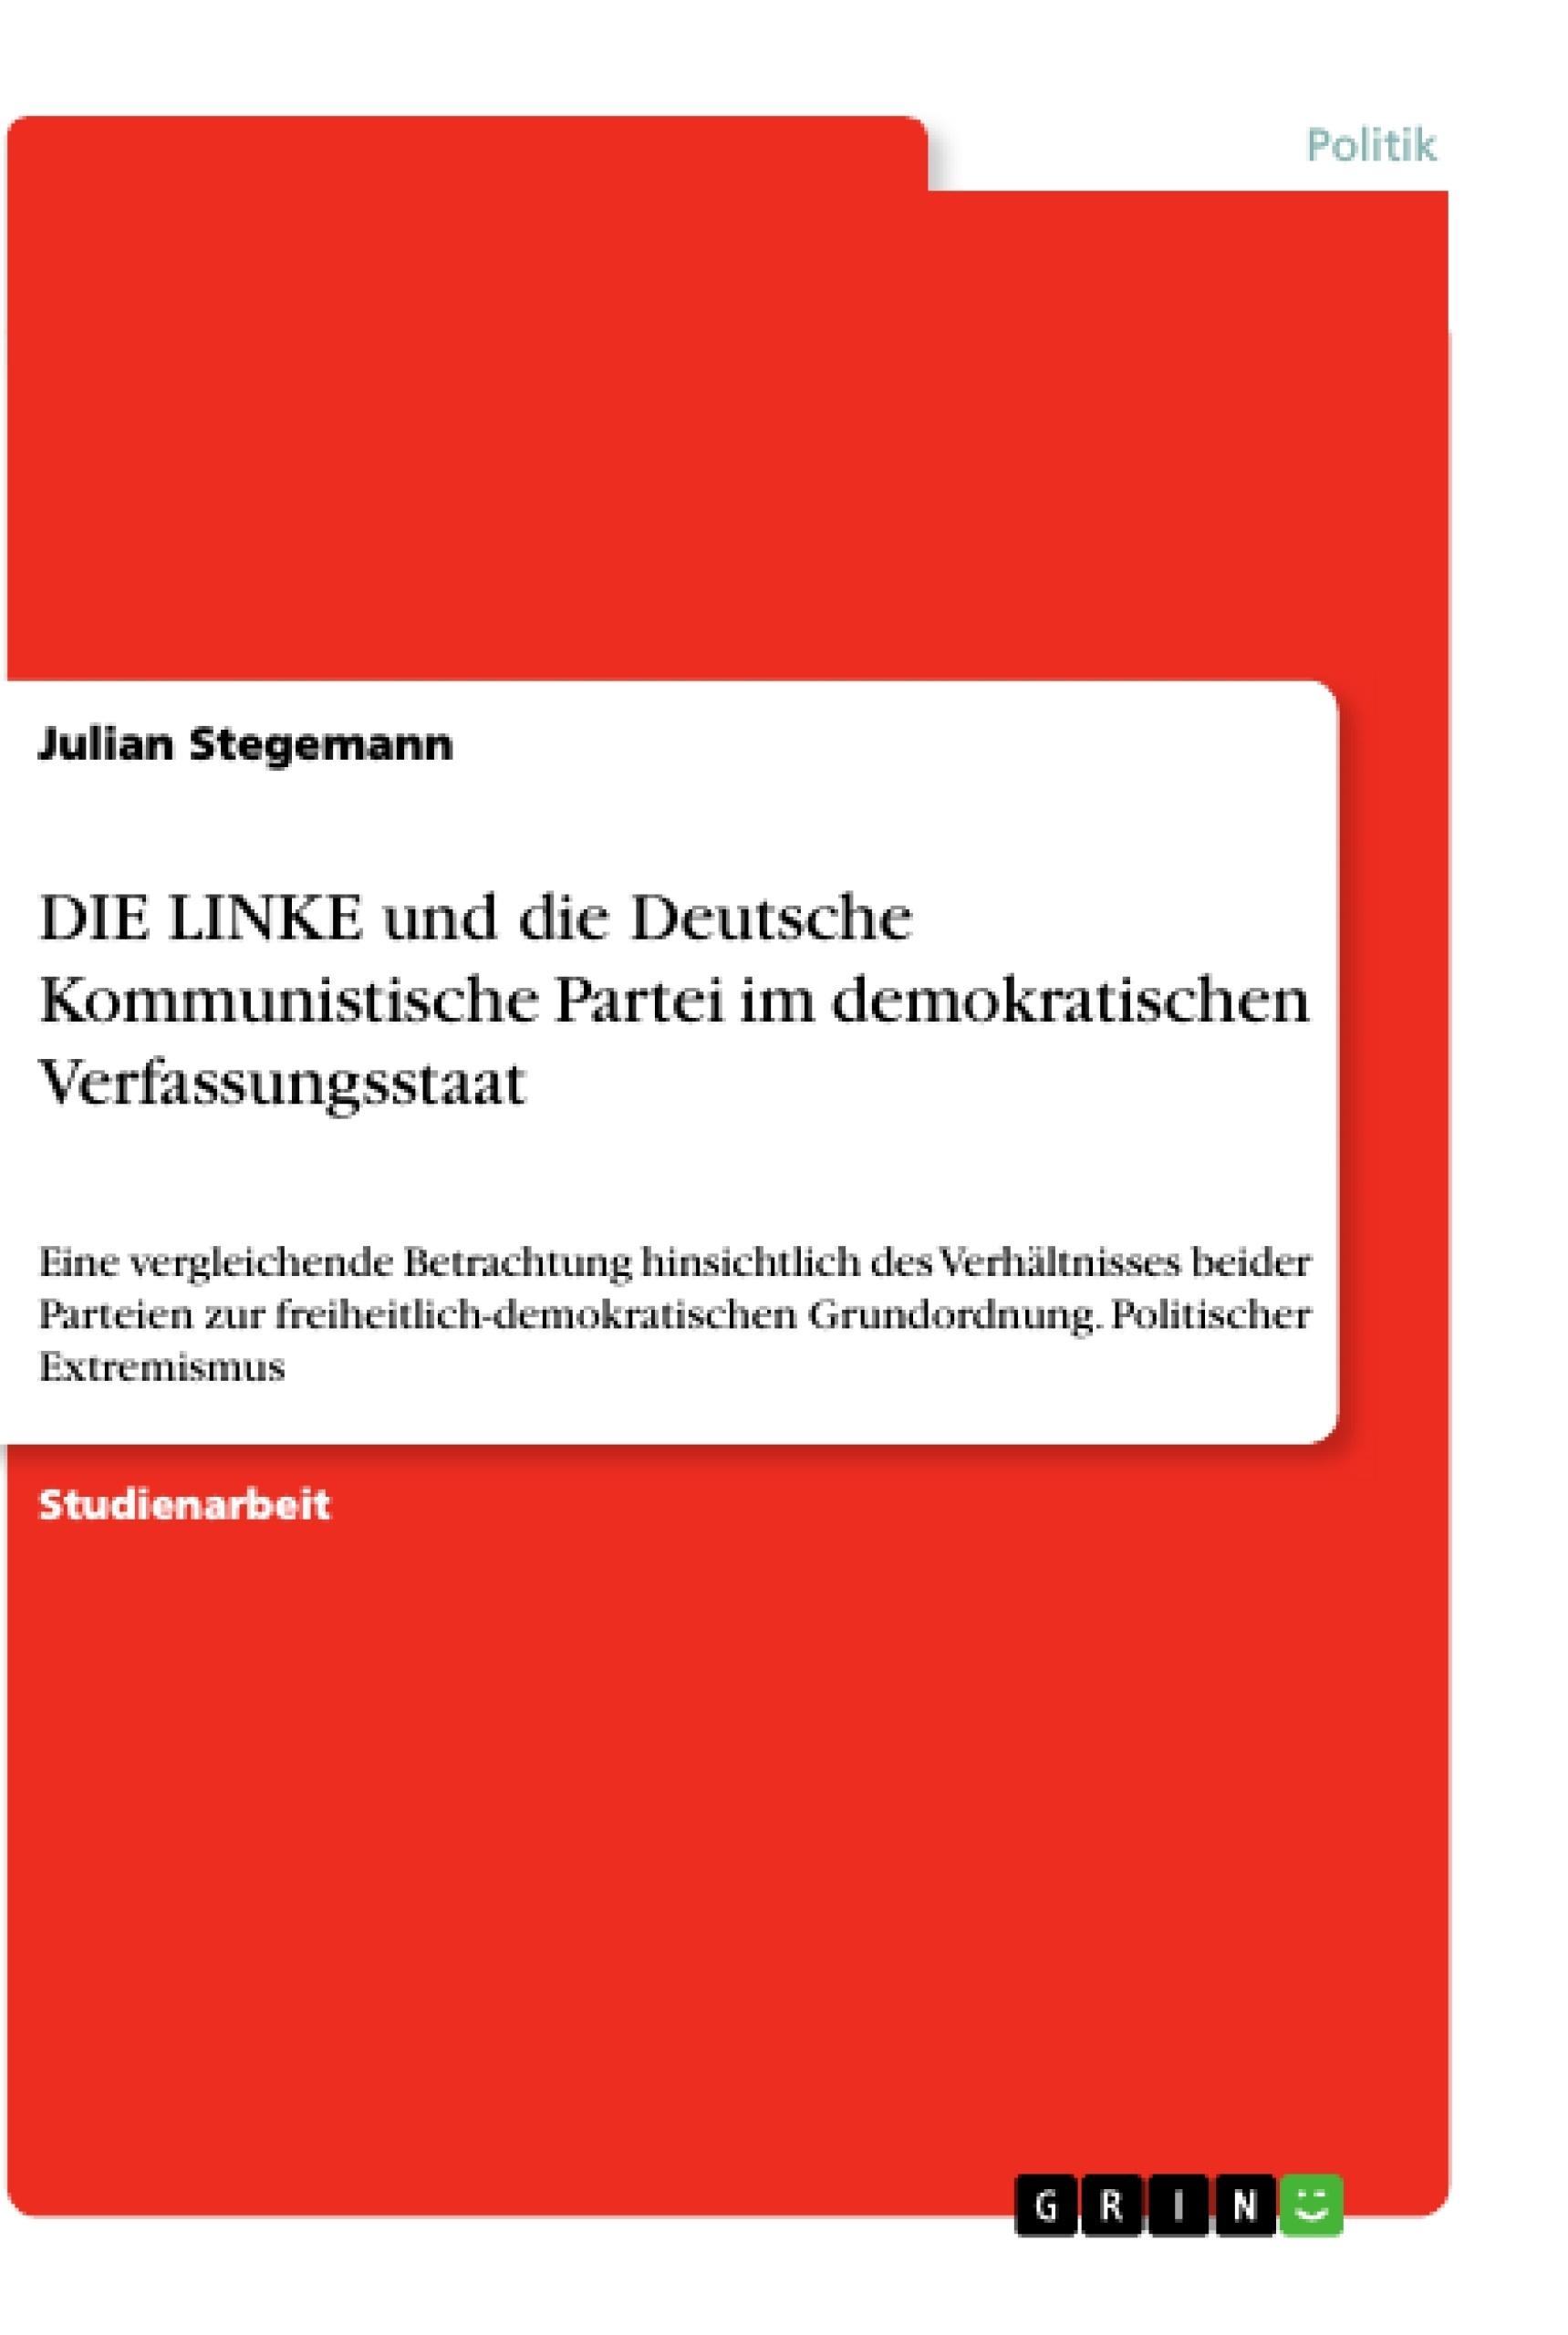 Titel: DIE LINKE und die Deutsche Kommunistische Partei im demokratischen Verfassungsstaat